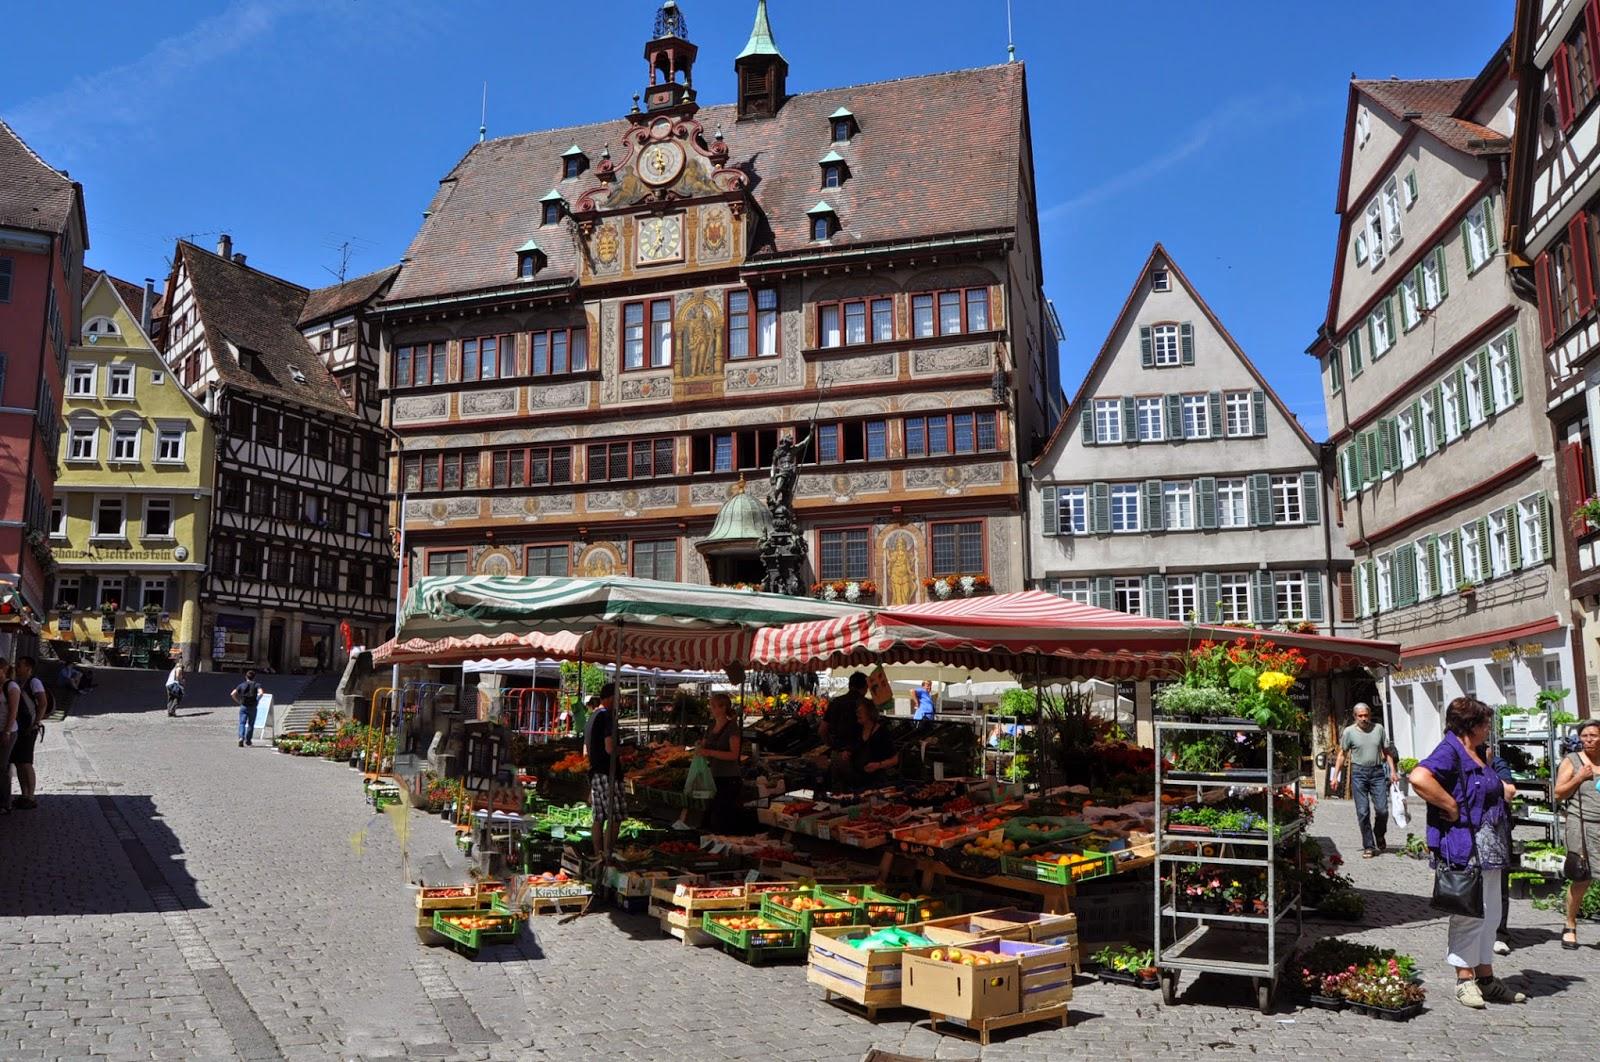 Fotos de la Plaza del Ayuntamiento en Tubingen